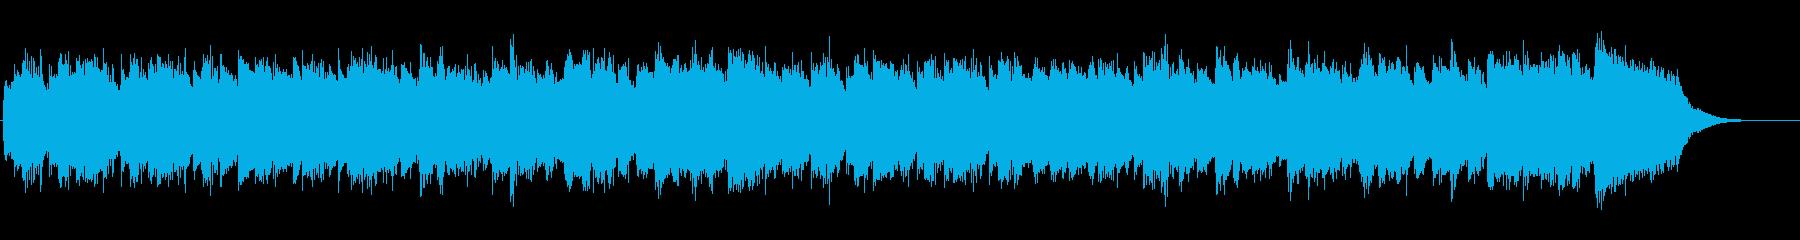 クラシック、ハープシコードの再生済みの波形